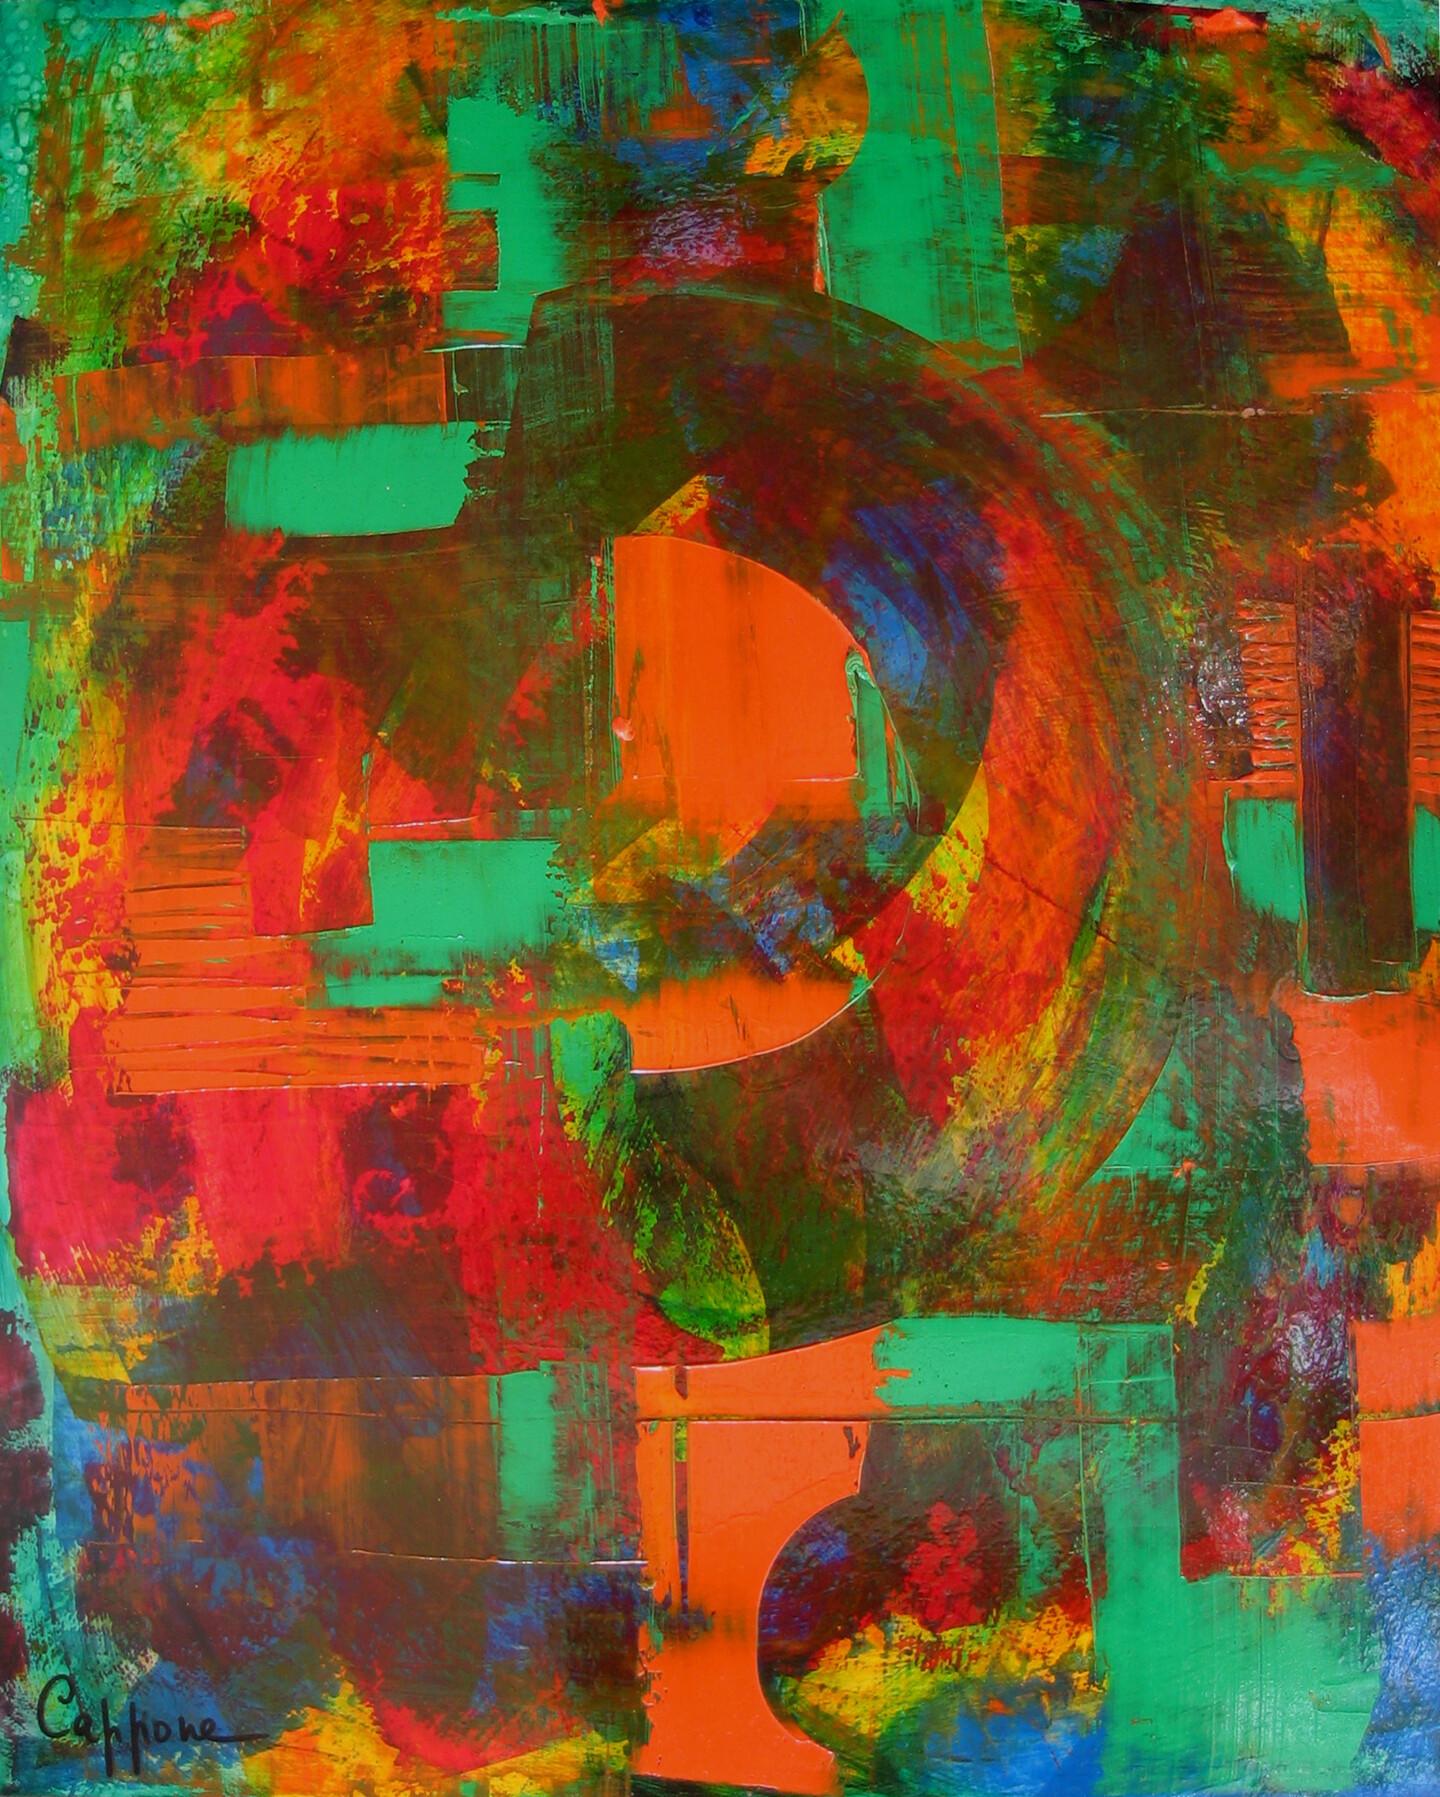 Cappone - Vert plus Orange - Green and Orange